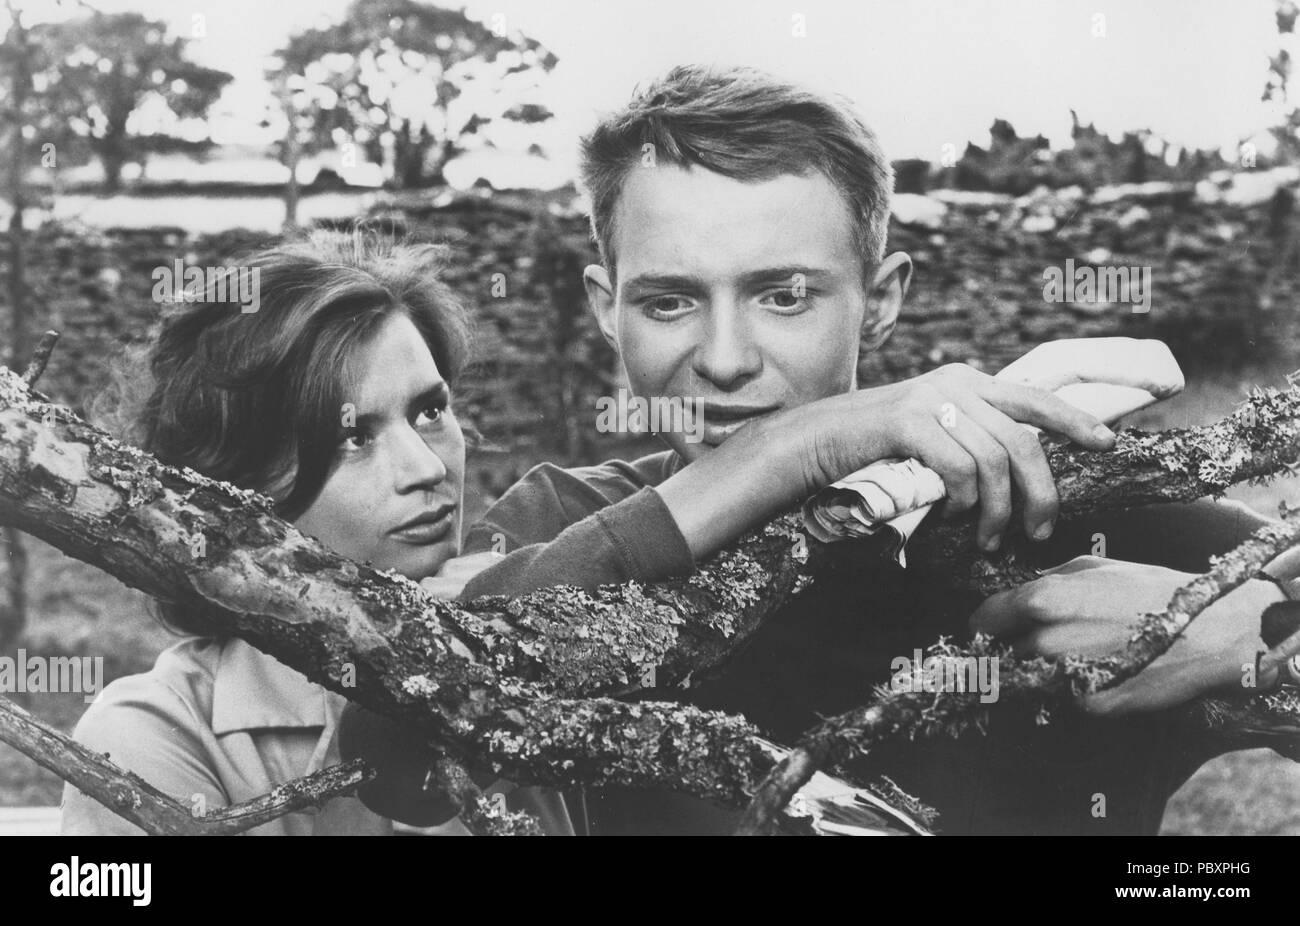 Wie in einem Spiegel. Schwedische Film von Ingmar Bergman 1961 starring Harriet Andersson und Lars Passgård. Ingmar Bergman. 1918-2007. Schwedische Filmregisseur. Stockbild